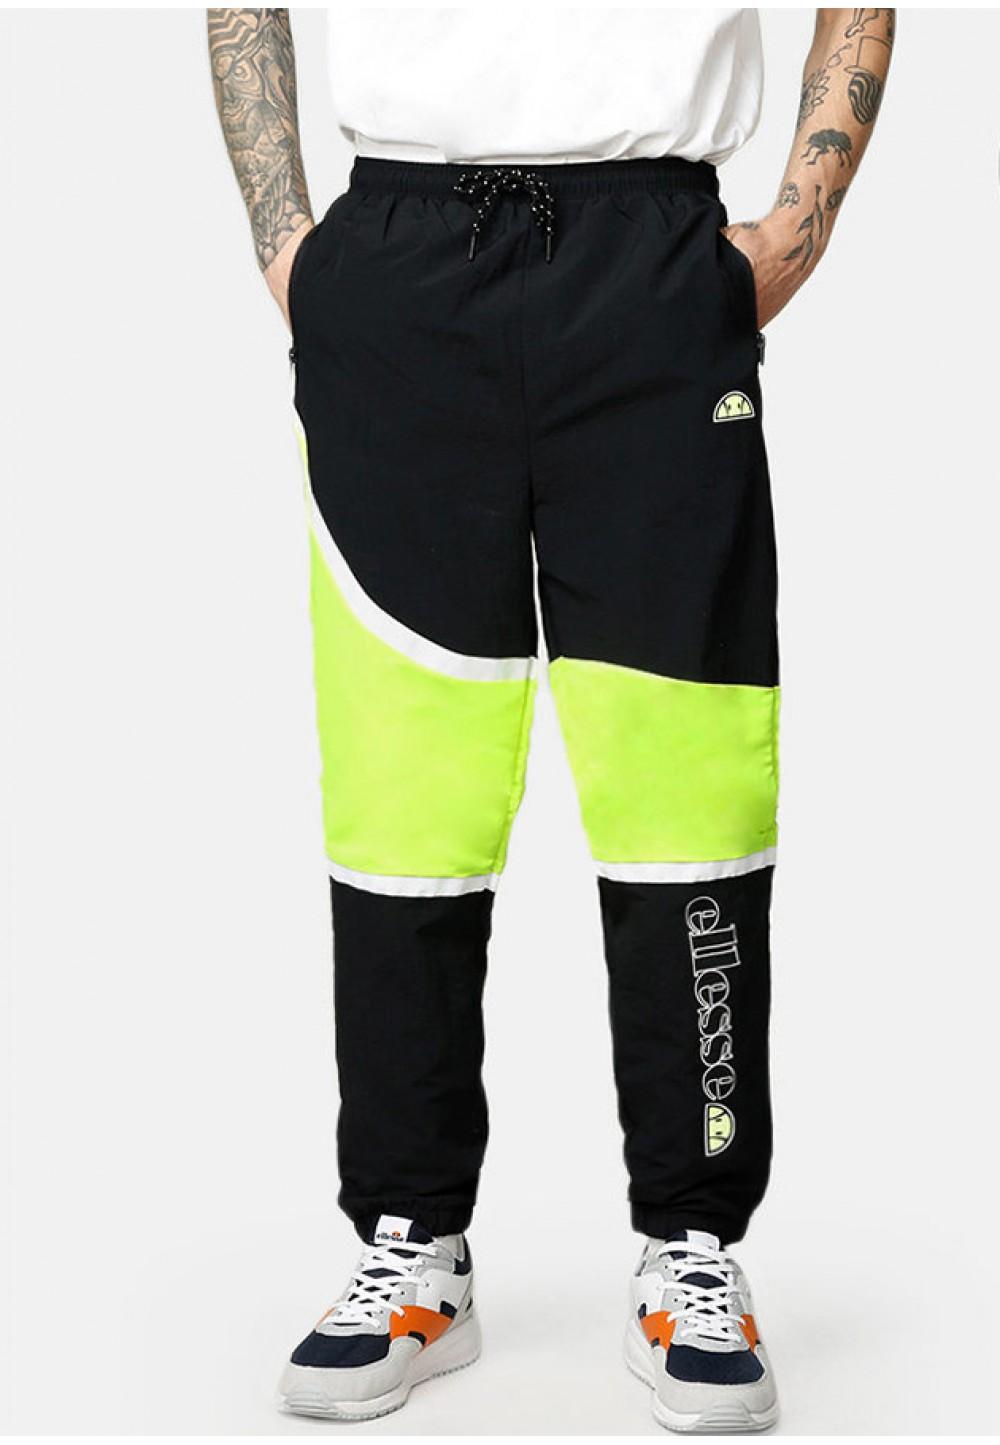 Черные брюки с неоновыми вставками